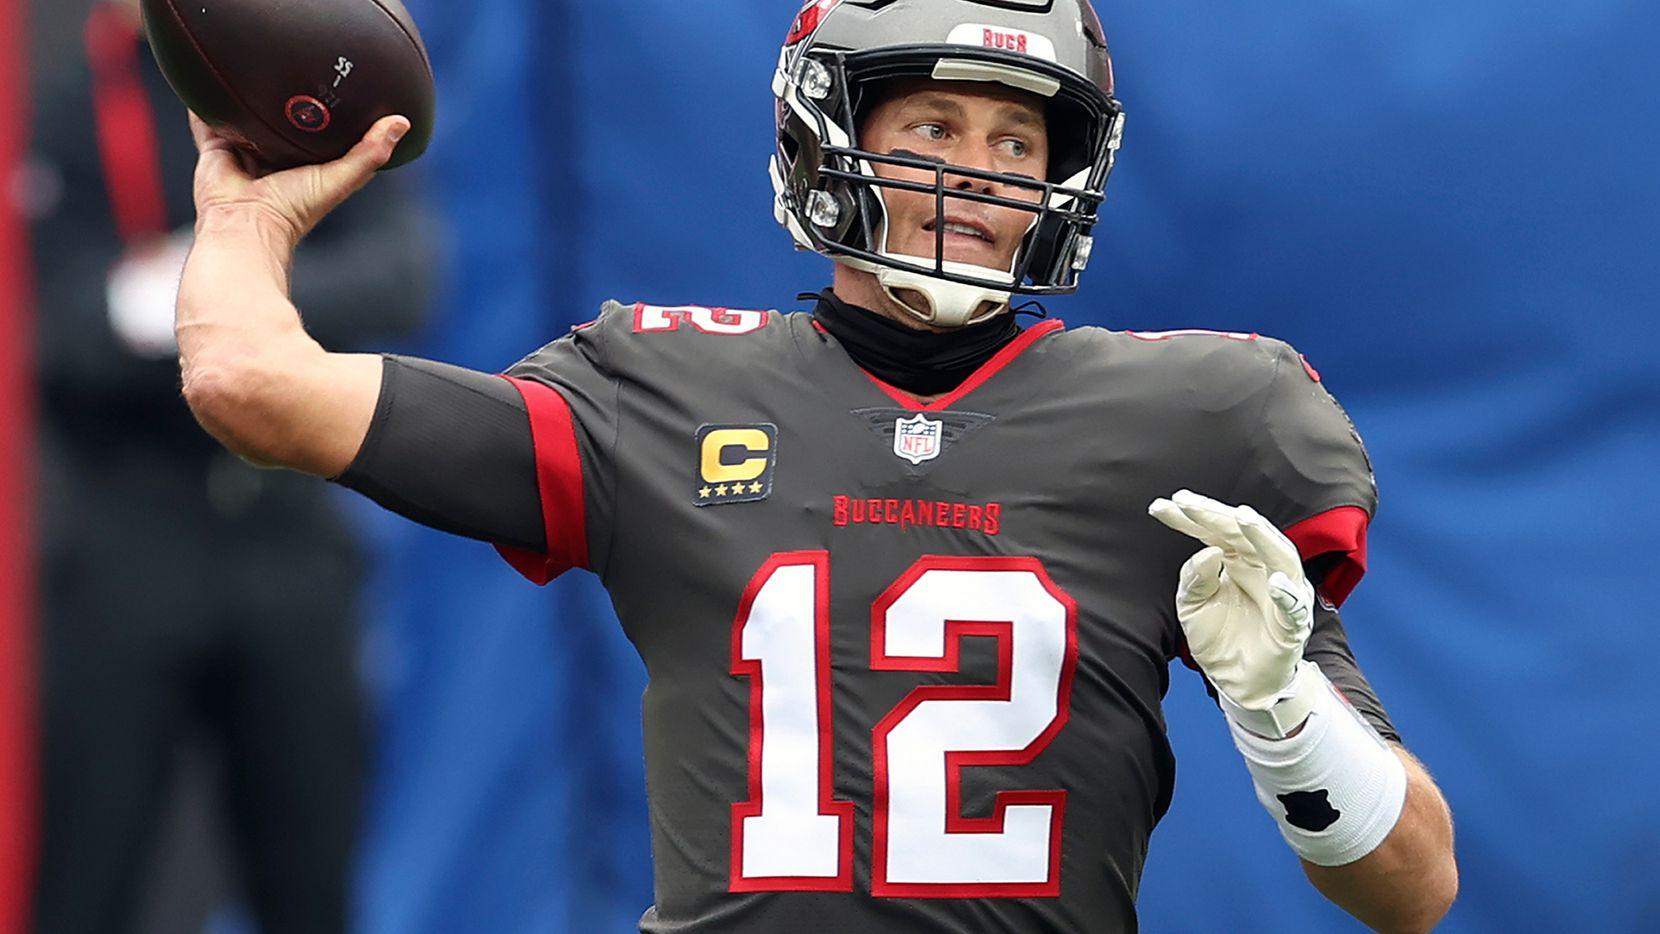 El mariscal de los Buccaneers de Tampa Bay, Tom Brady, lanza un pase contra los Falcons de Atlanta en el partido efectuado el 3 de enero de 2021 en Tampa, Florida.